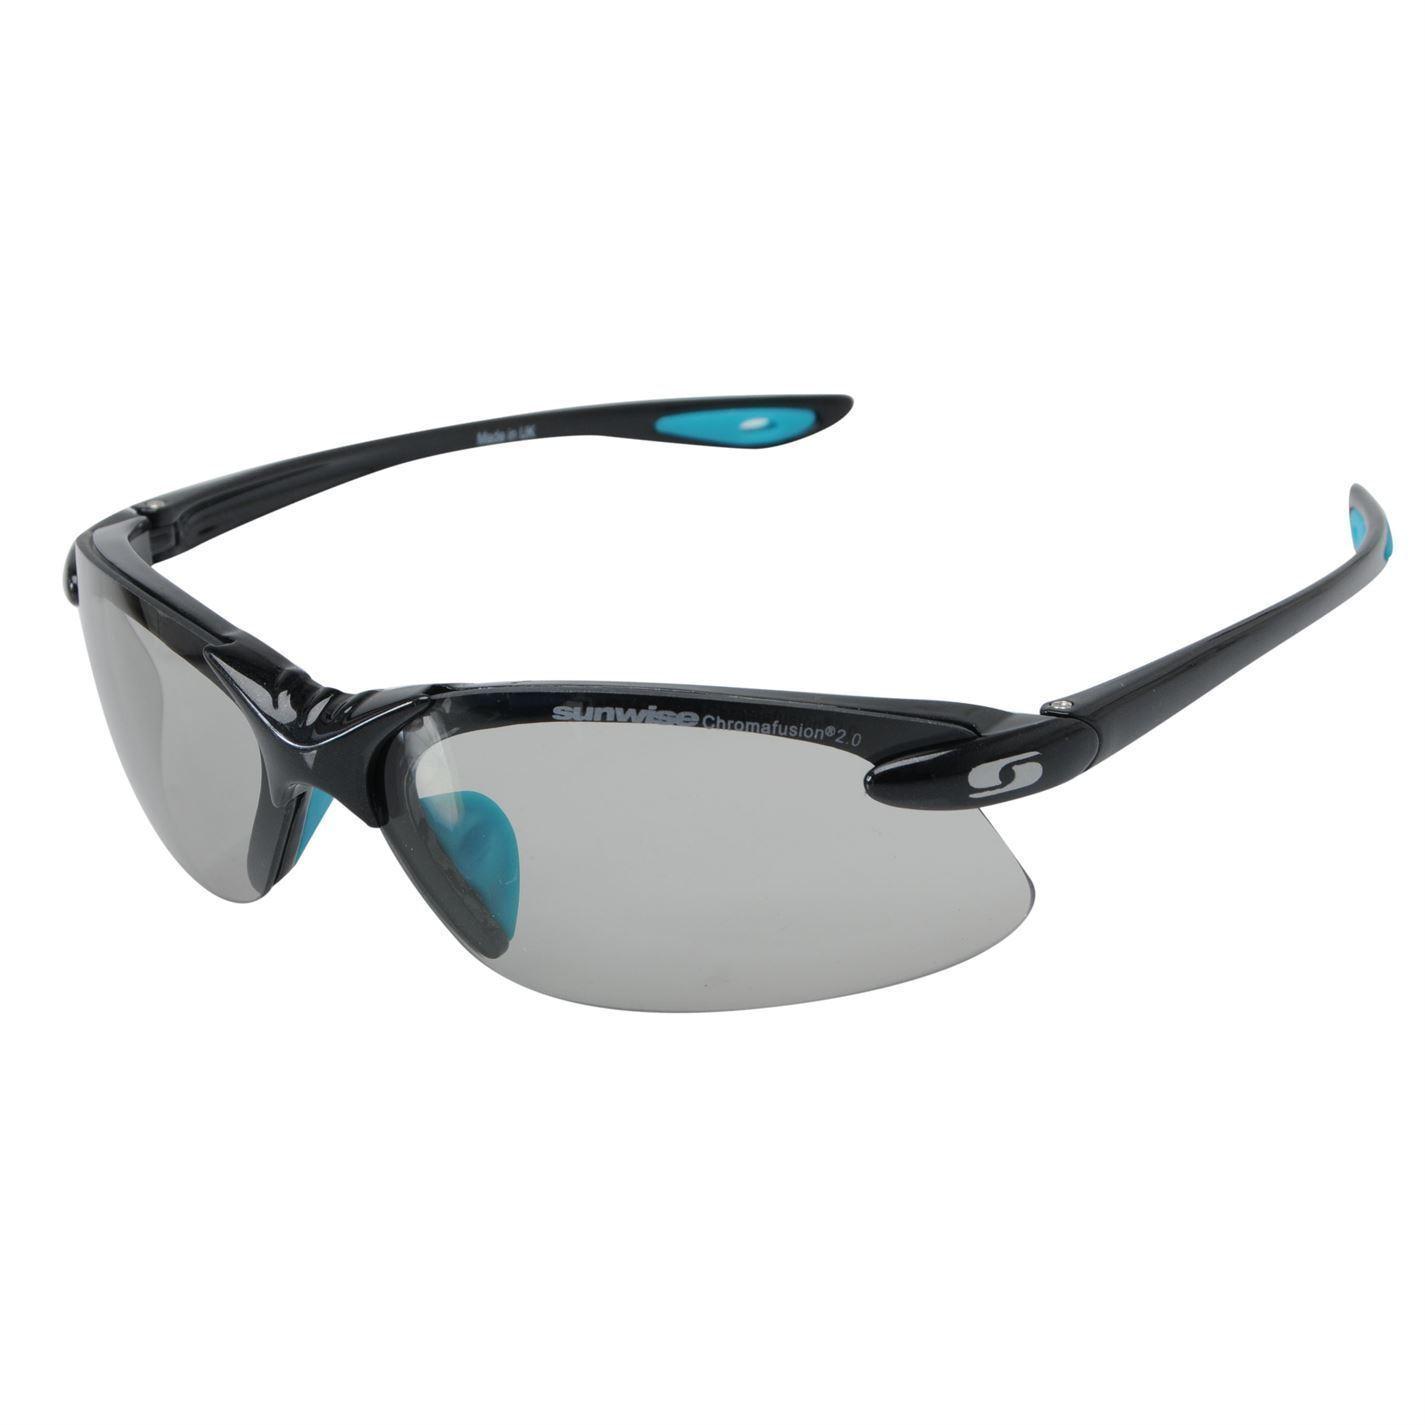 schwimmend polarisiert,für den Carphunter,SUNPUR02 Shimano Sonnenbrille Purist